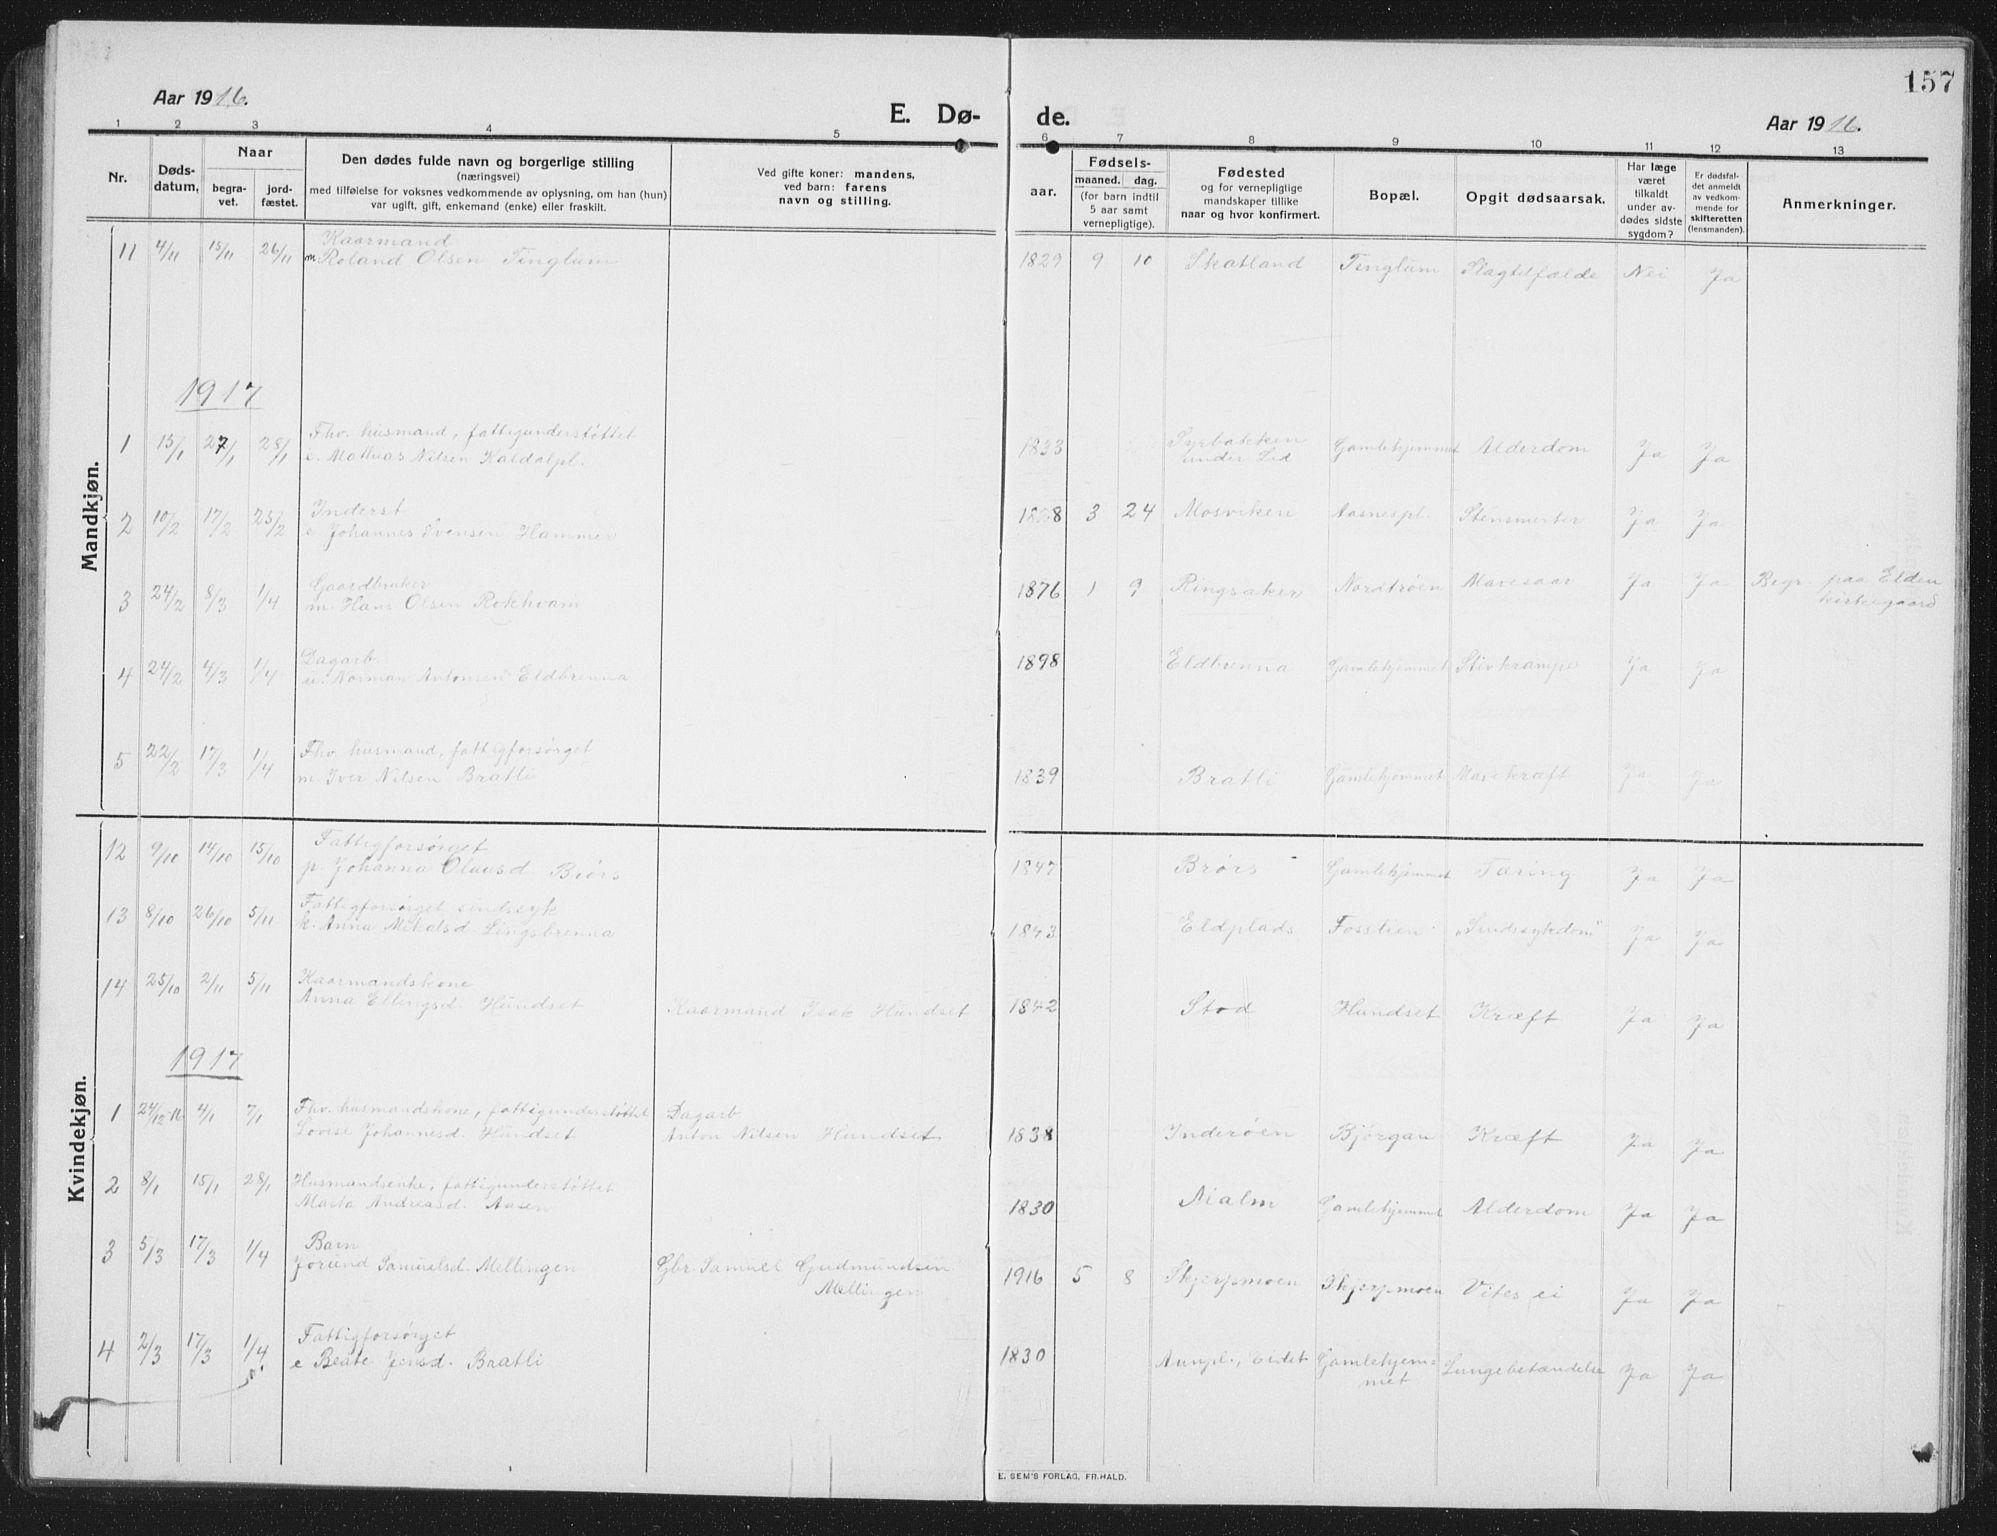 SAT, Ministerialprotokoller, klokkerbøker og fødselsregistre - Nord-Trøndelag, 742/L0413: Klokkerbok nr. 742C04, 1911-1938, s. 157